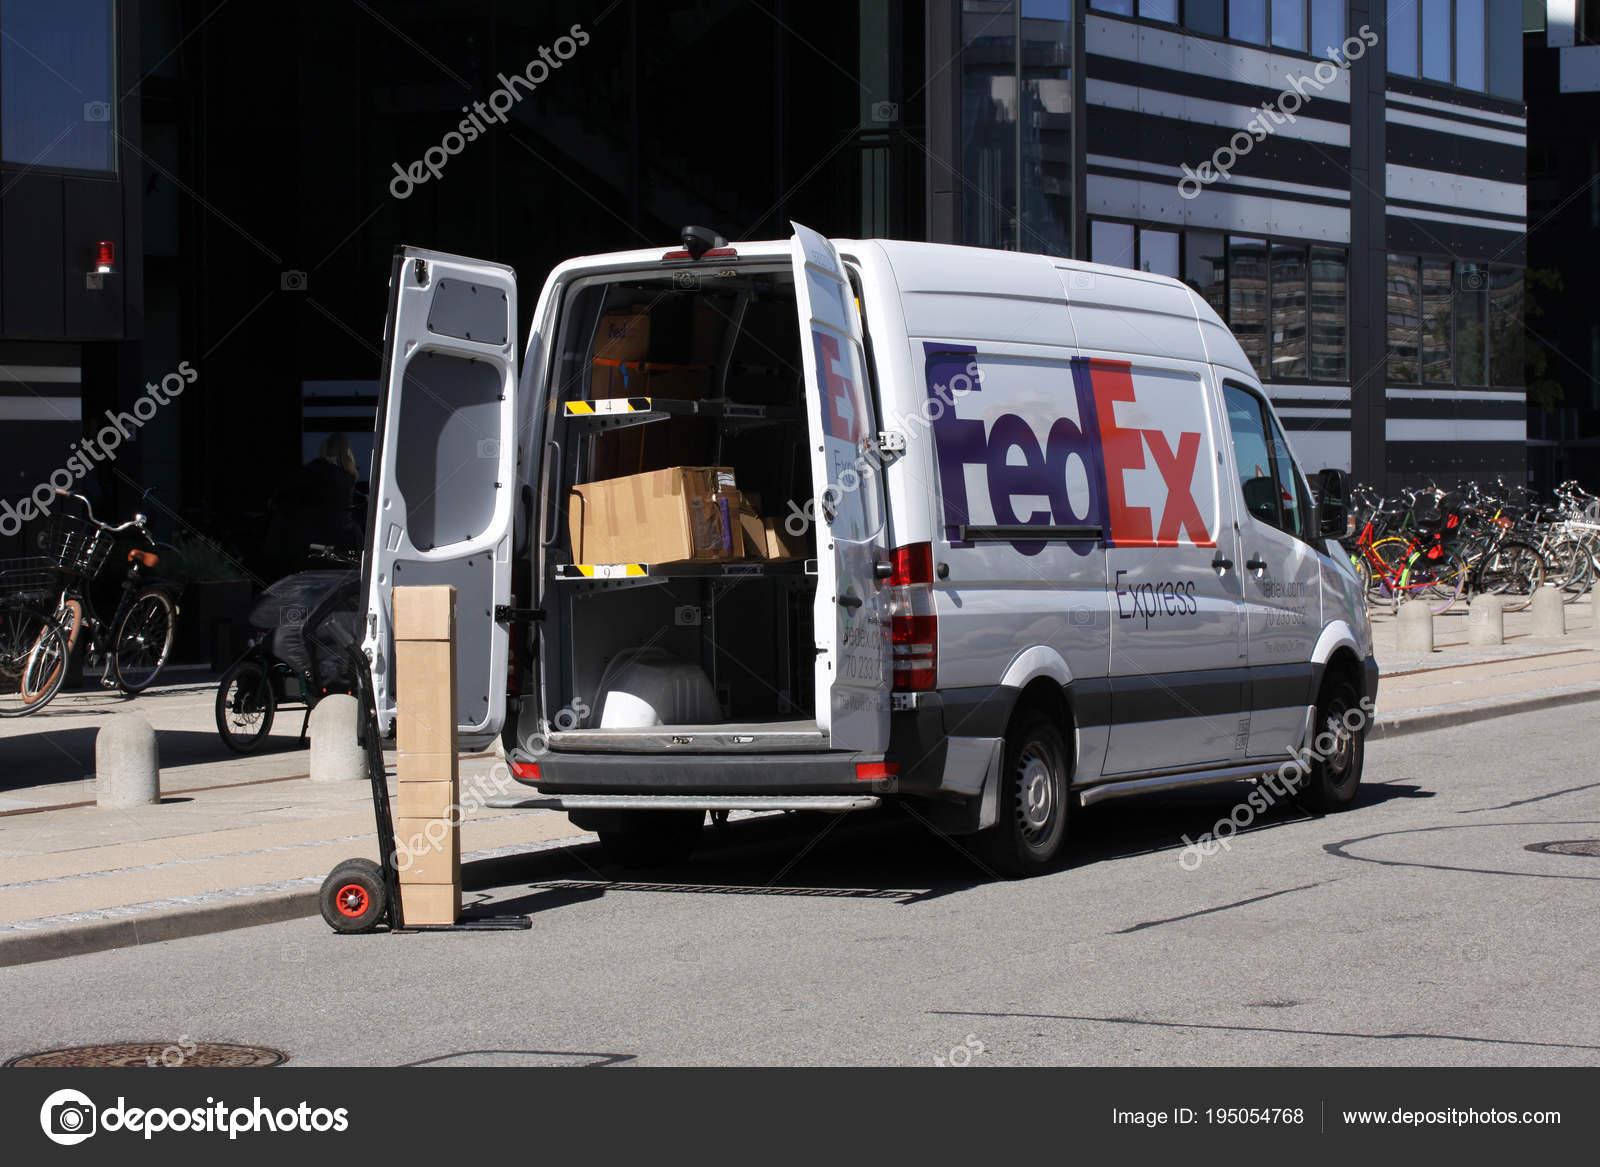 Copenhagen Denmark May 2018 Fedex Express Delivery Van